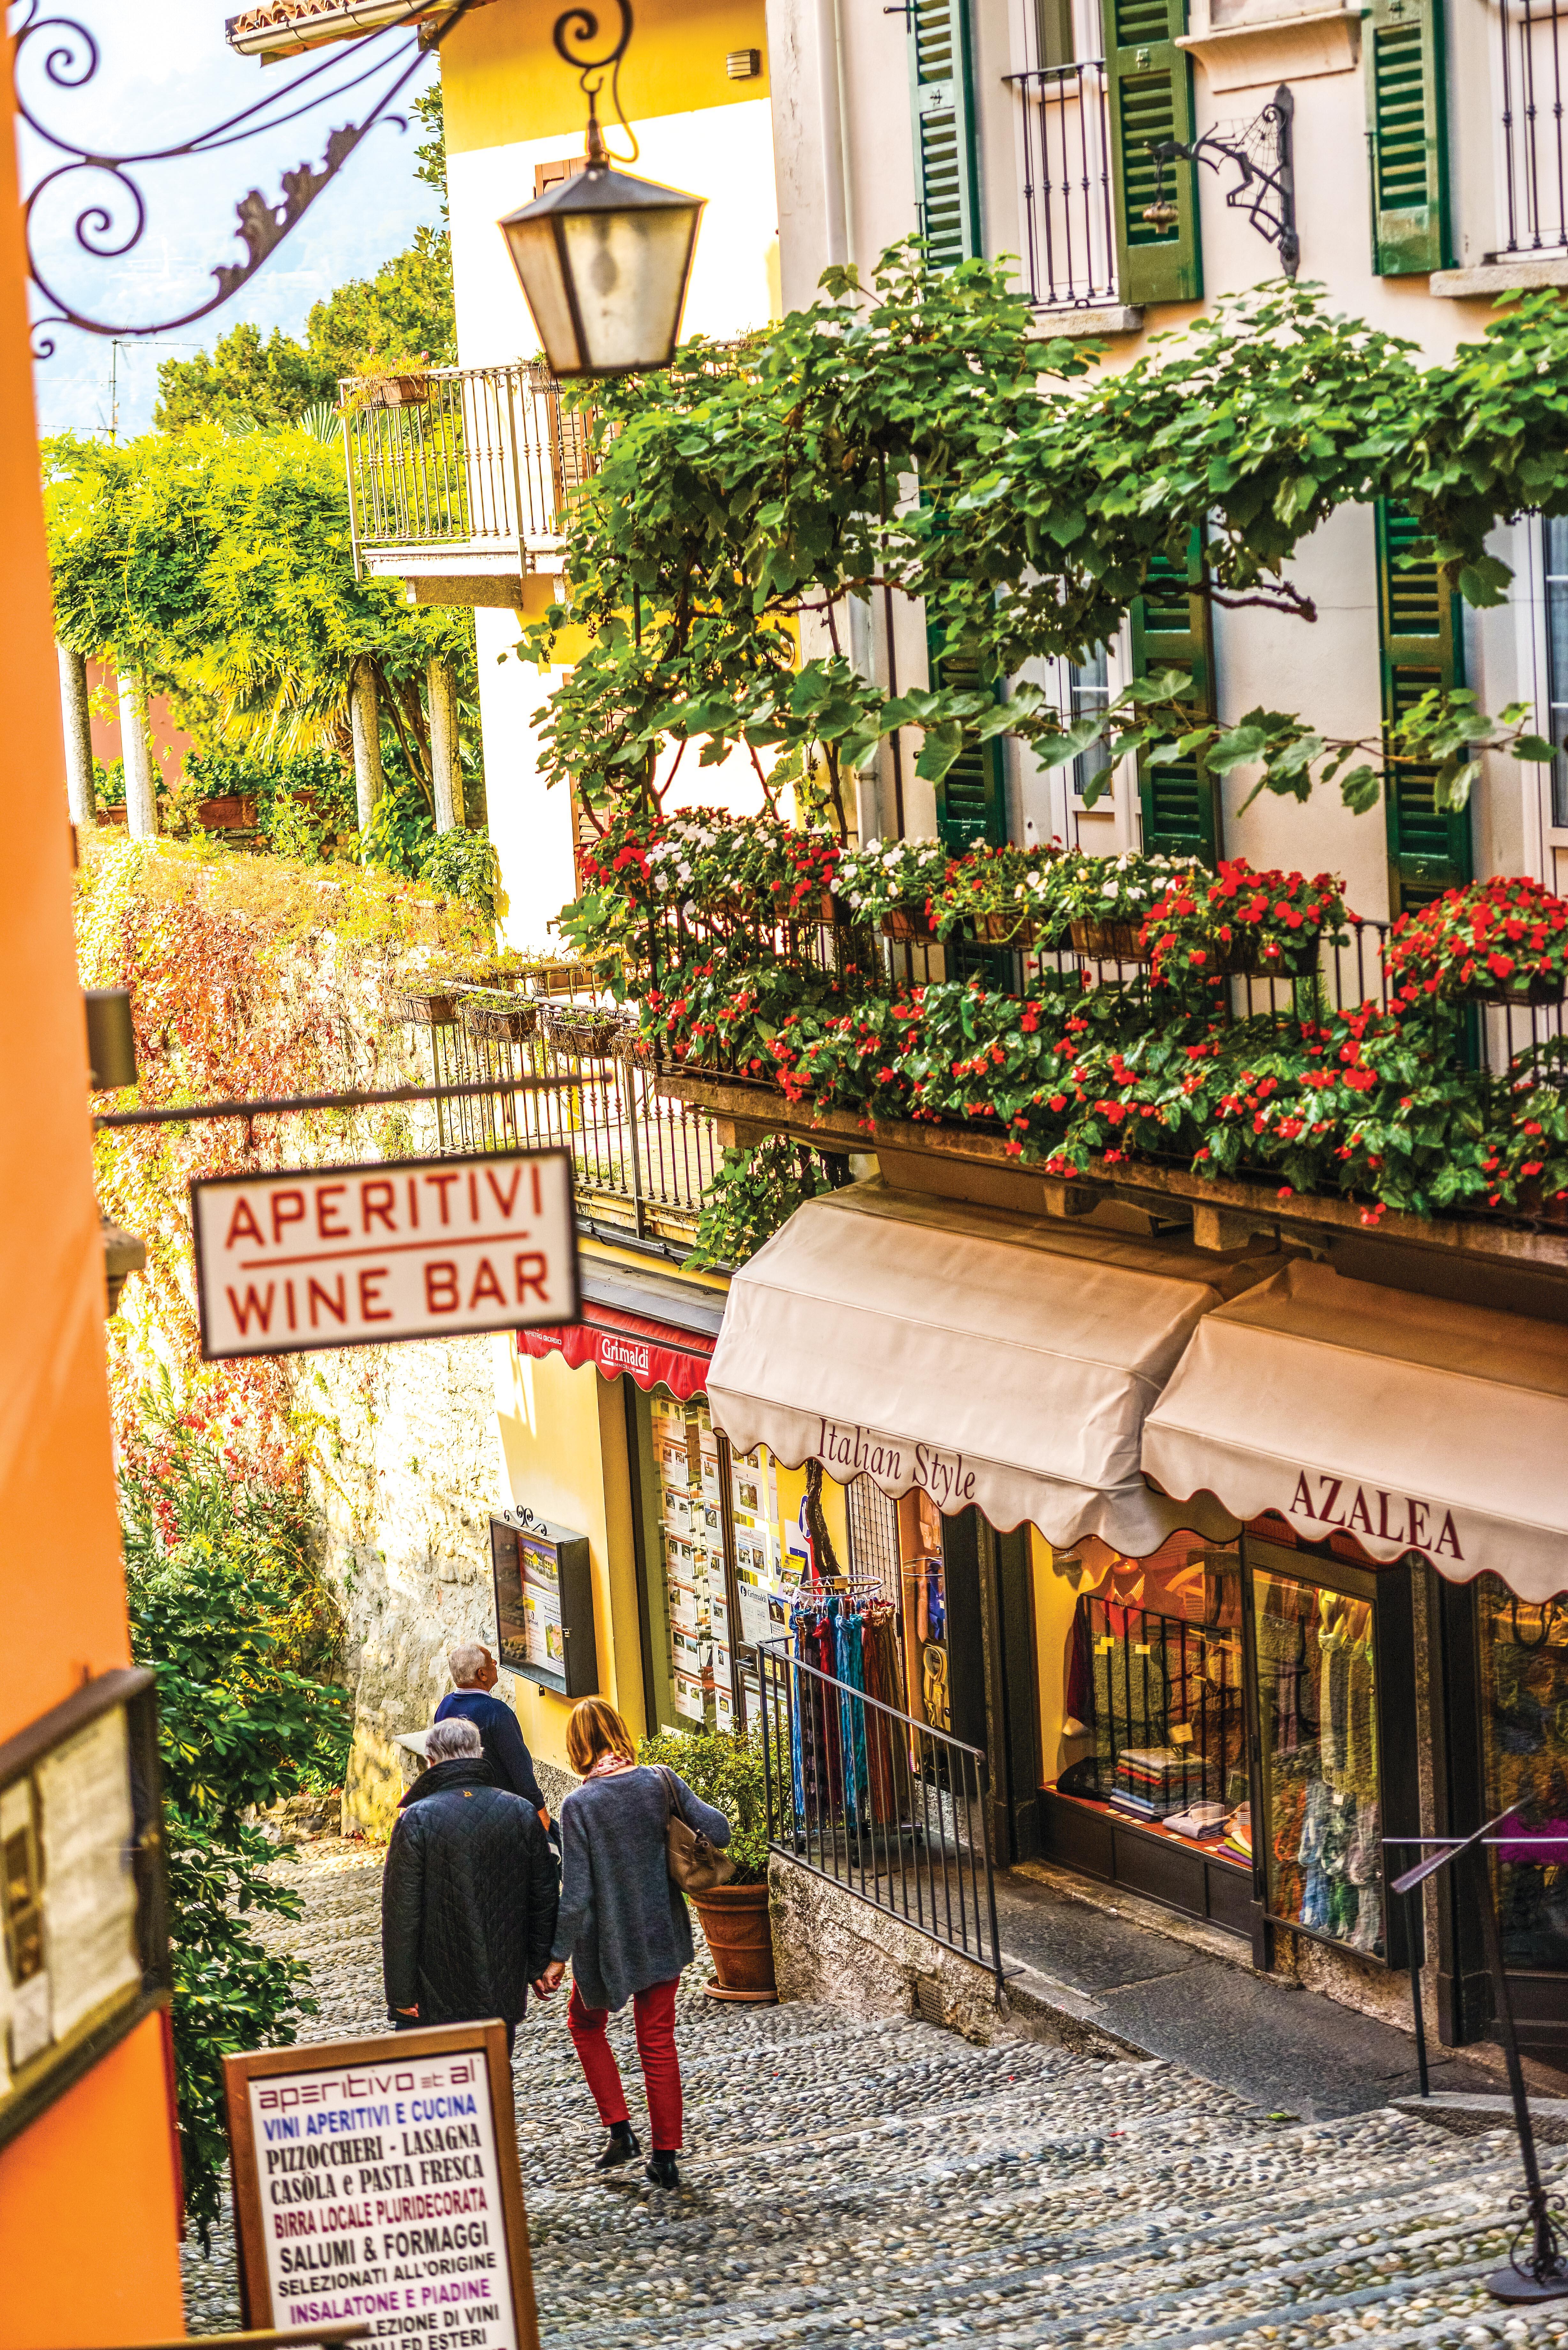 """Um casal desce as escadarias de pedra de uma estreita ladeira. Os prédios que a ladeiam são altos e charmosos, com lojinhas, varandinhas cheias de flores e lâmpadas de rua antigas. Do lado esquerdo, uma placa indica: """"Aperitivi Wine Bar"""""""